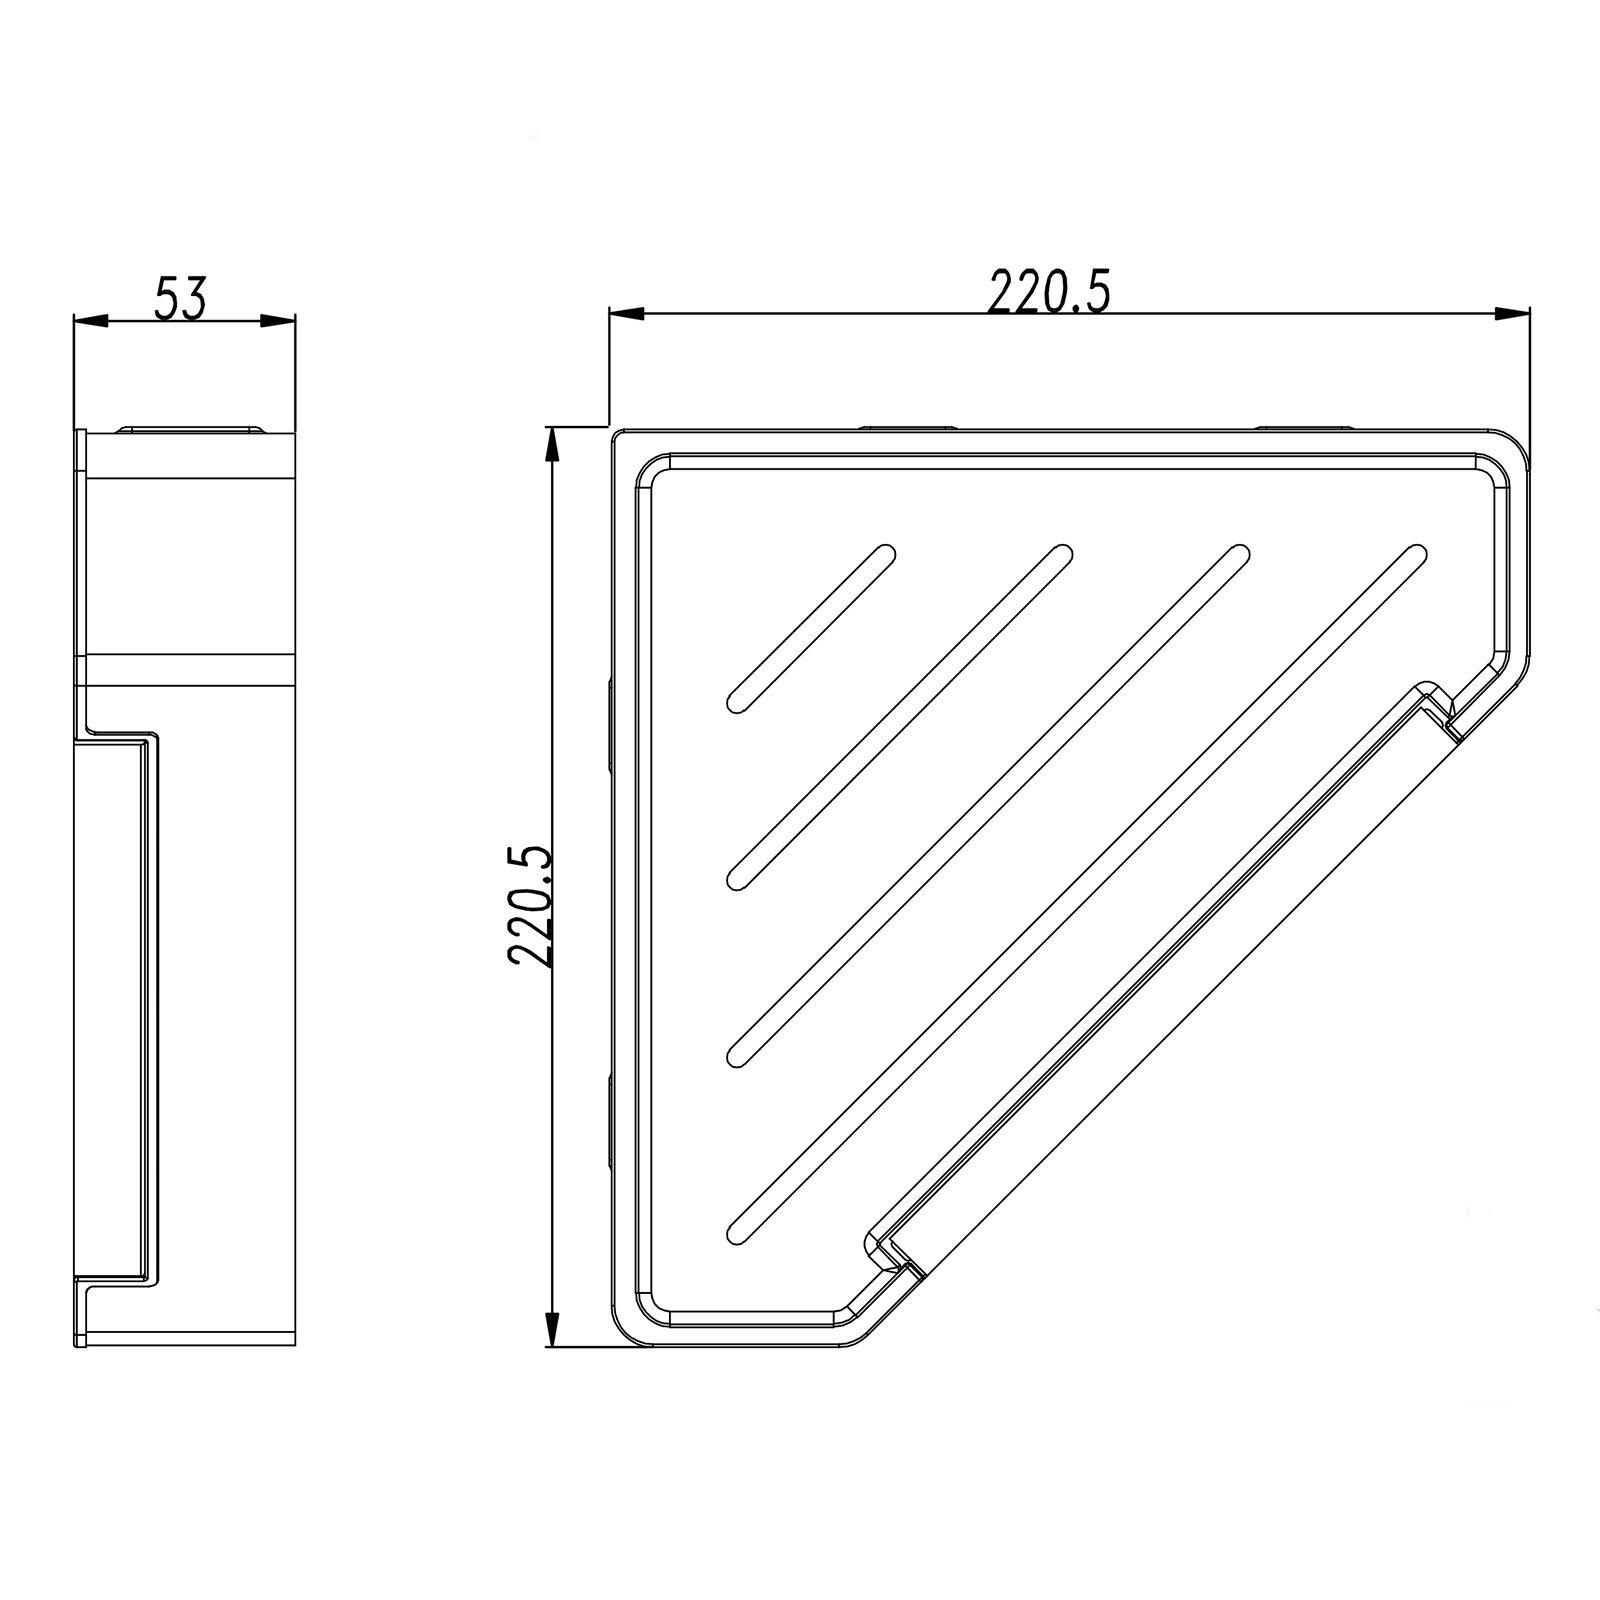 Eck-Duschkorb DK719 Edelstahl mit Duschabzieher - Farbe Chrom und Schwarz matt wählbar zoom thumbnail 3